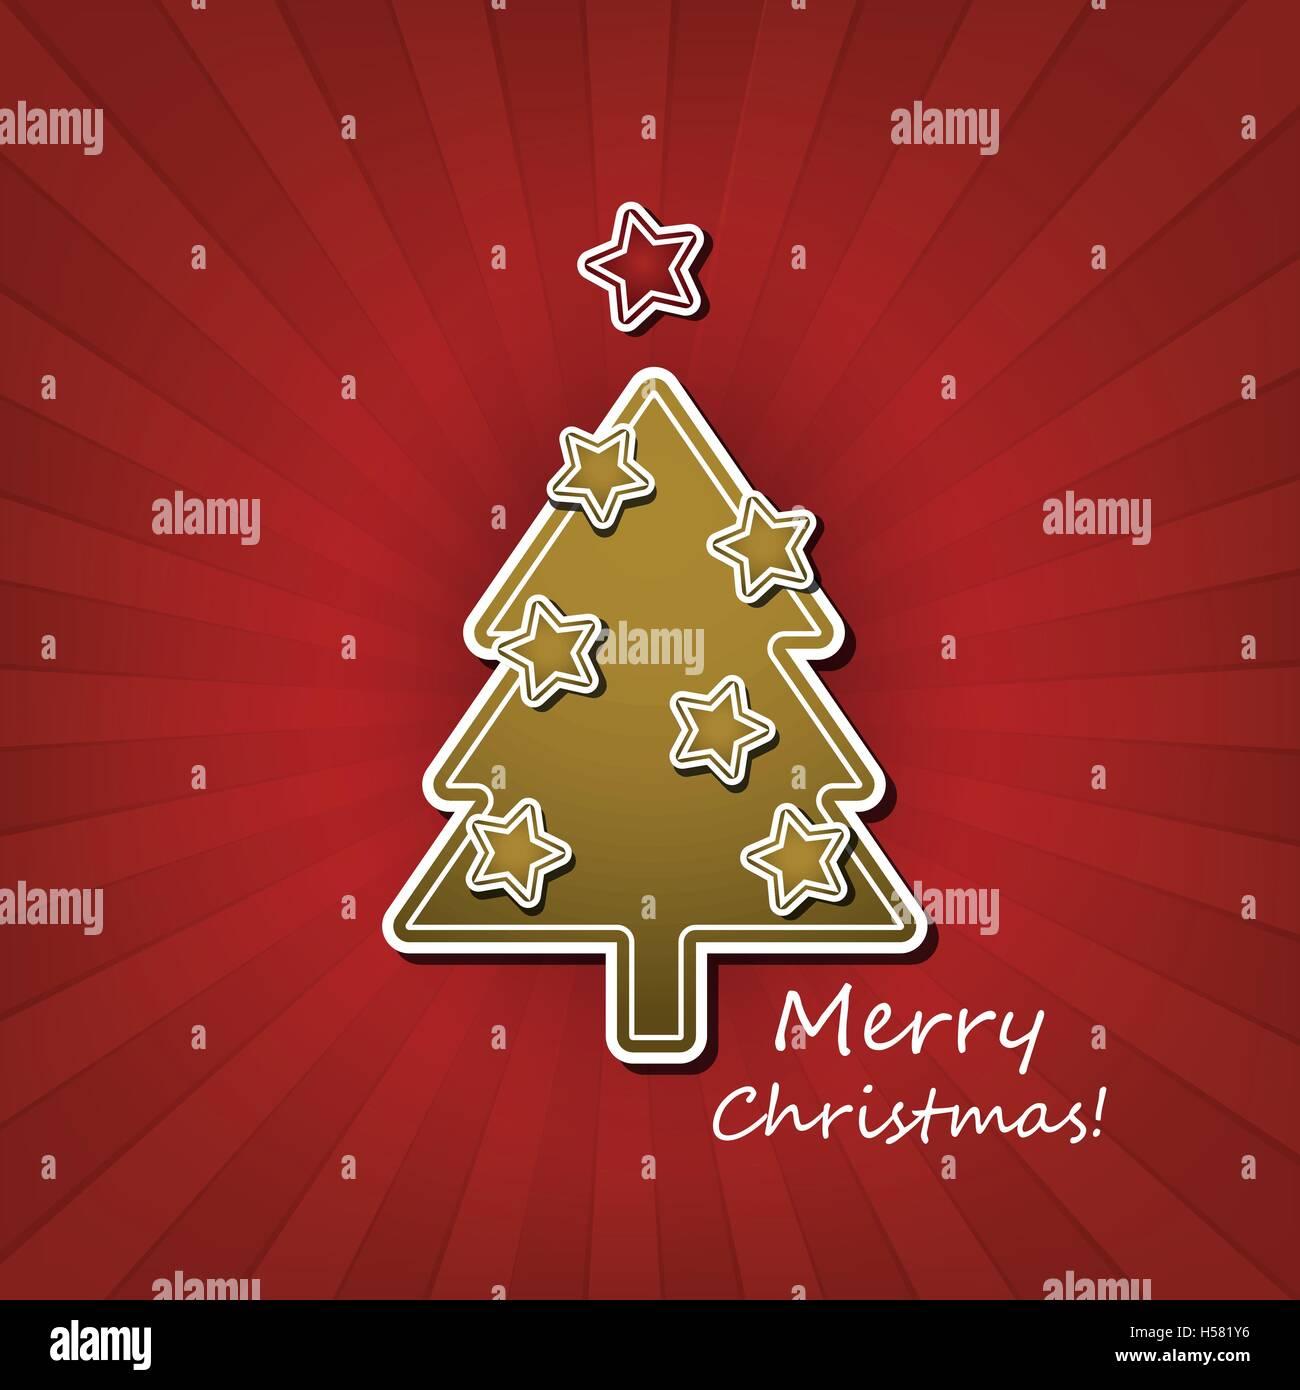 Weihnachtskarte Oder Cover Vorlage Design Mit Geschmückter